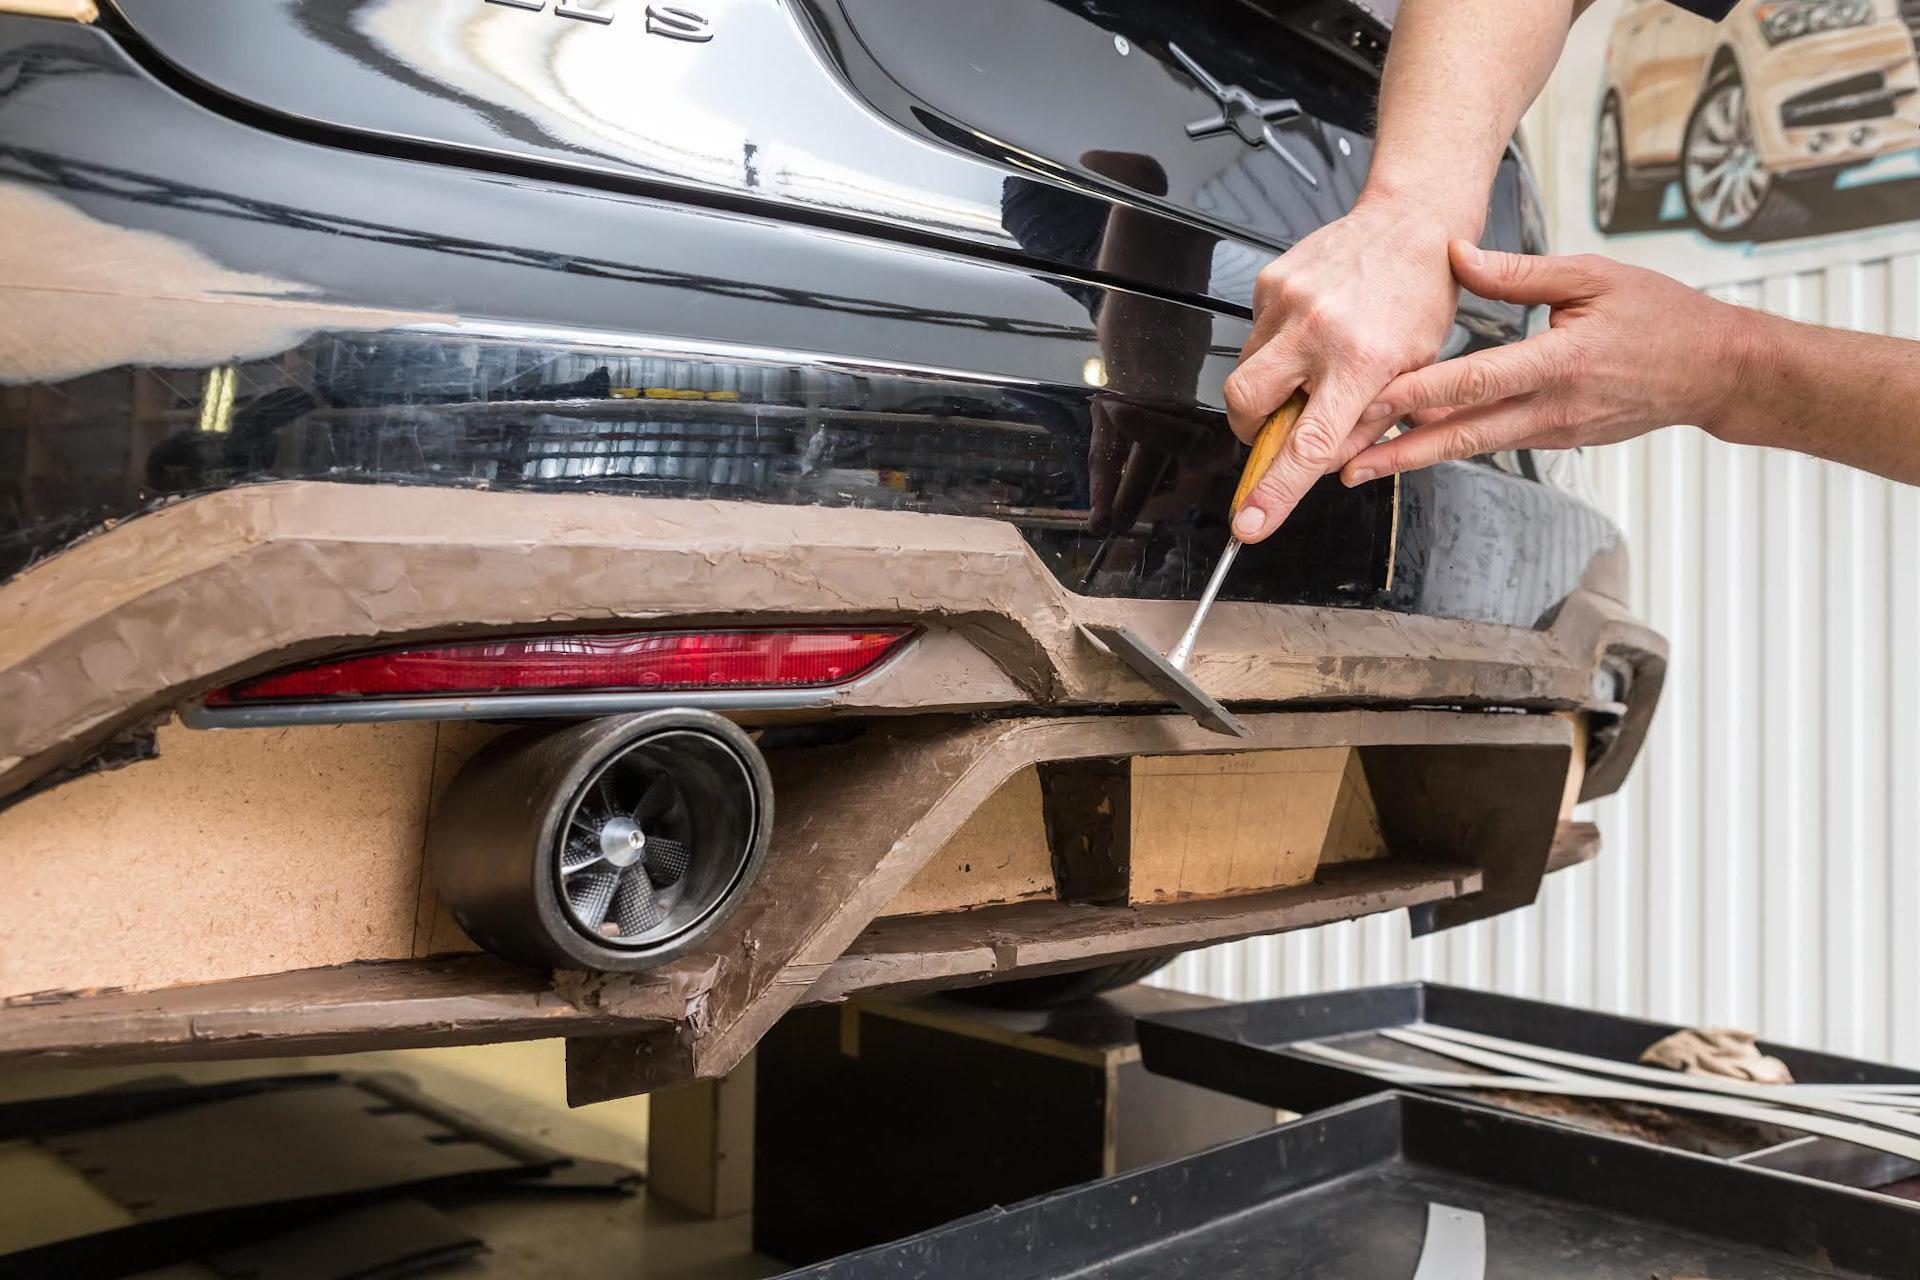 Пластилин для тюнинга автомобилей рецепты приготовления кабана i